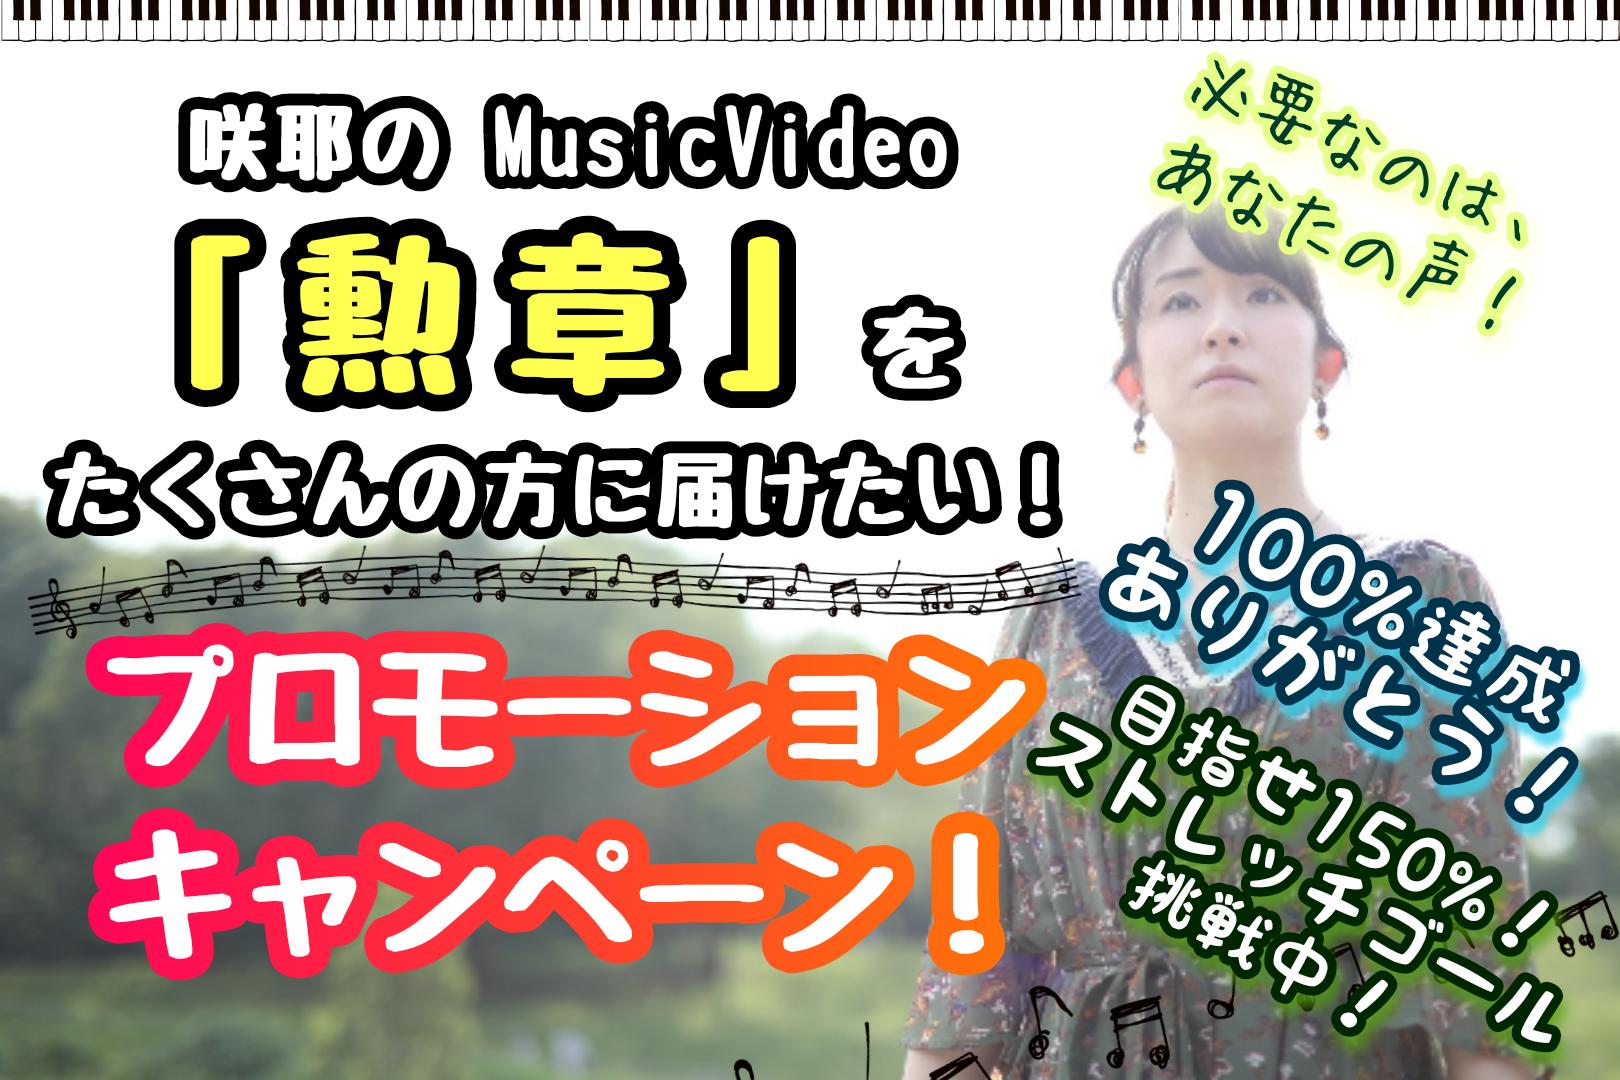 【咲耶】Music Video「勲章」を、たくさんの方に届けたい!プロモーションキャンペーン!